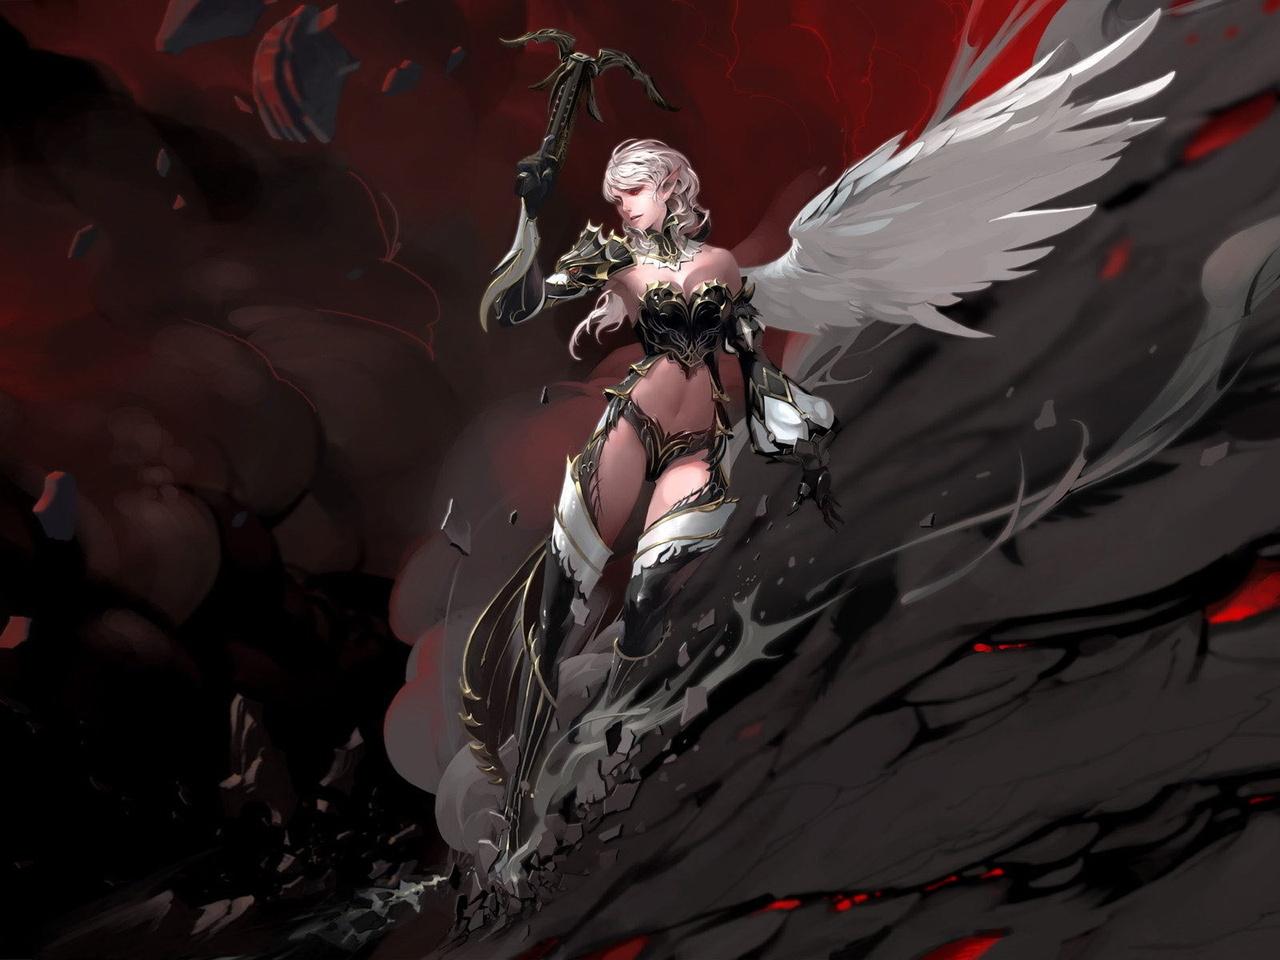 Данная картинка называется 017830 (Девушка, крылья, скала, lineage 2